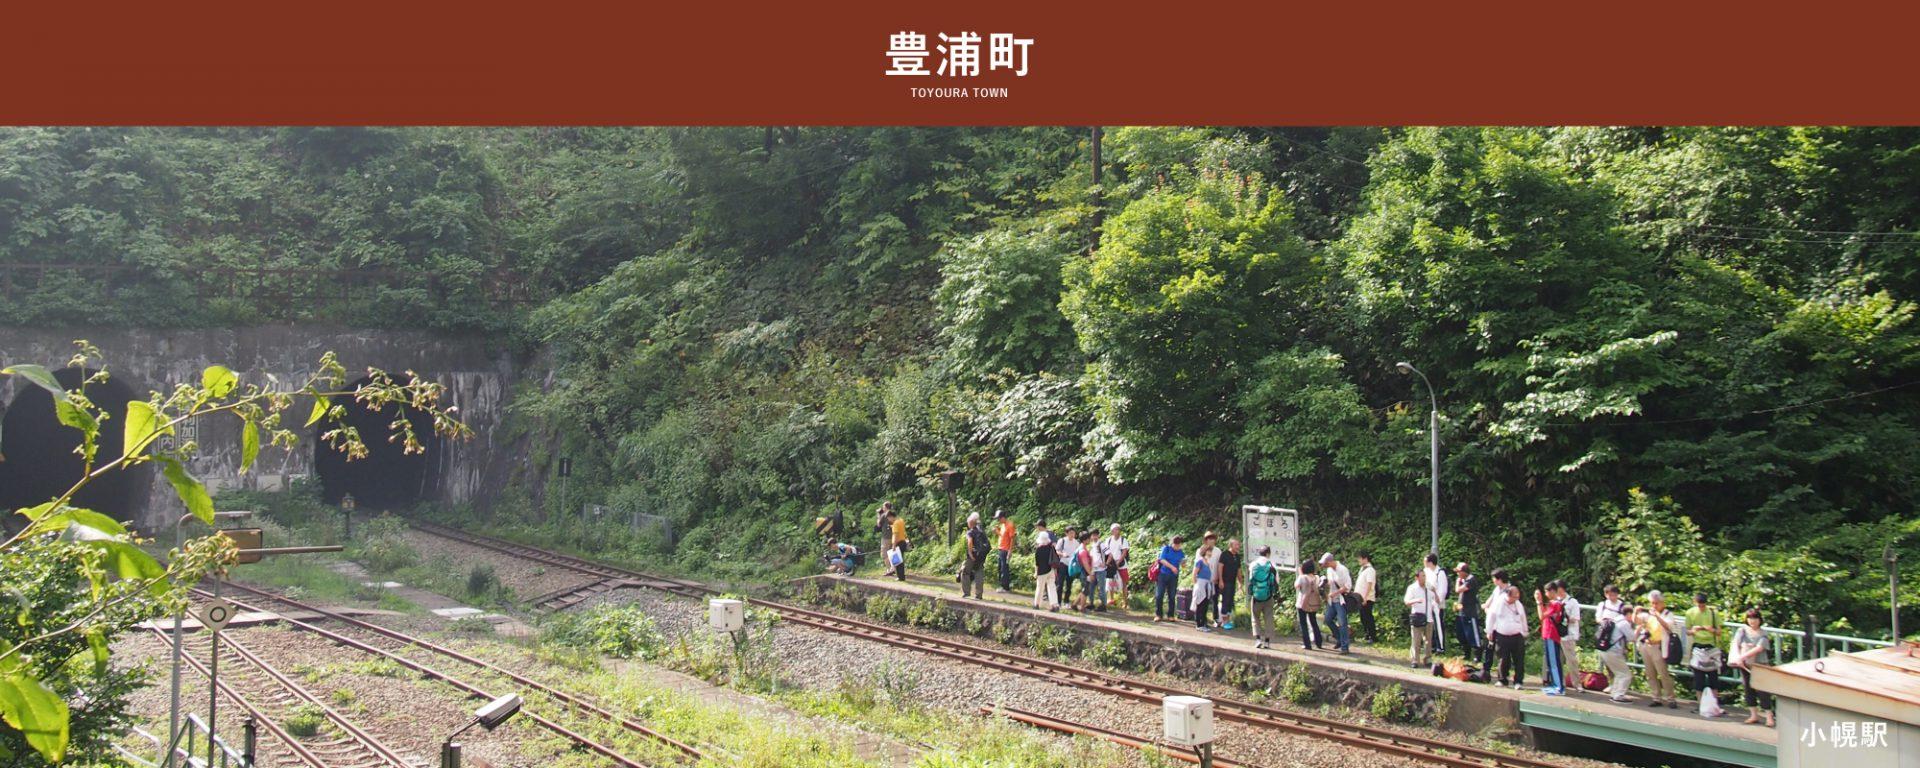 豊浦町 – nittanweb